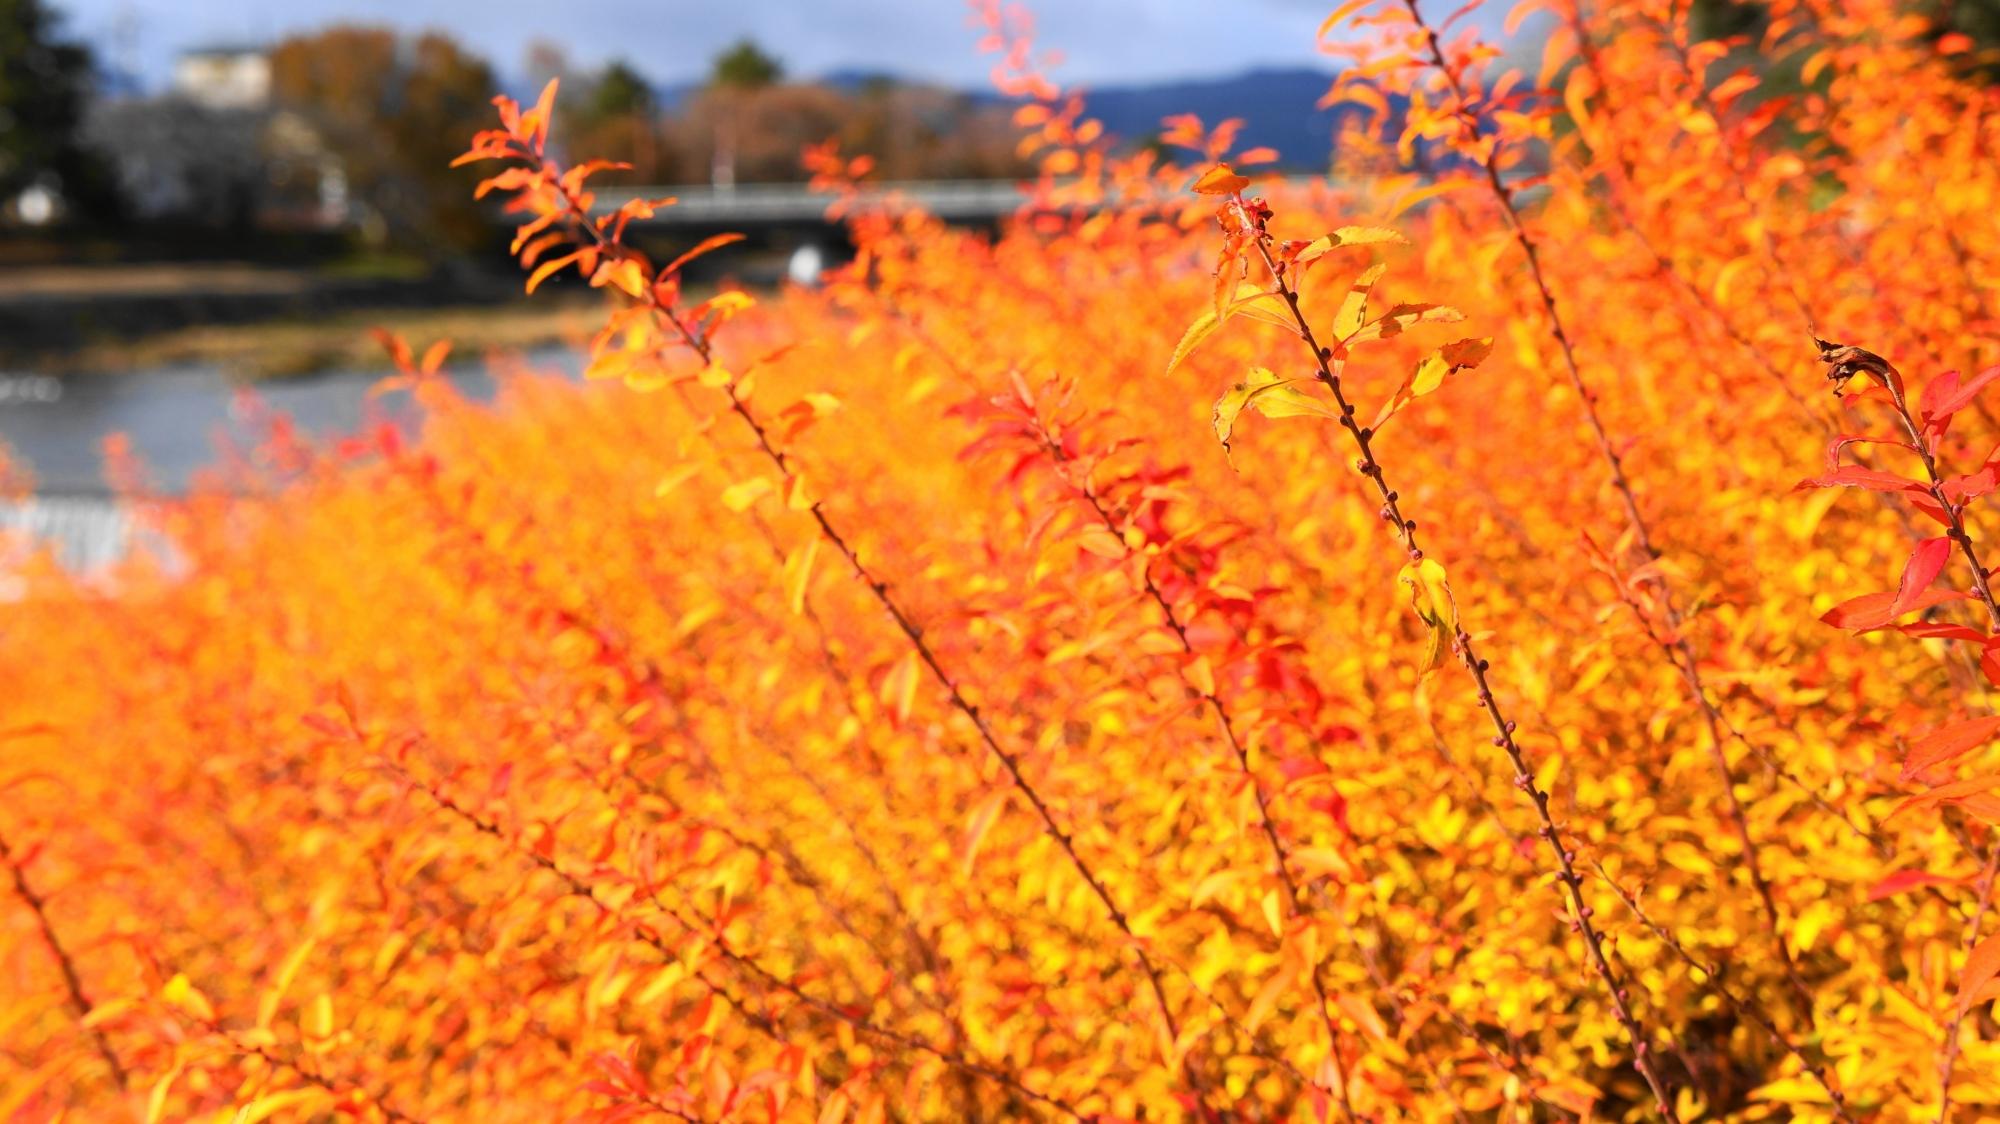 冬 雪柳 オレンジ色 紅葉 冬 12月